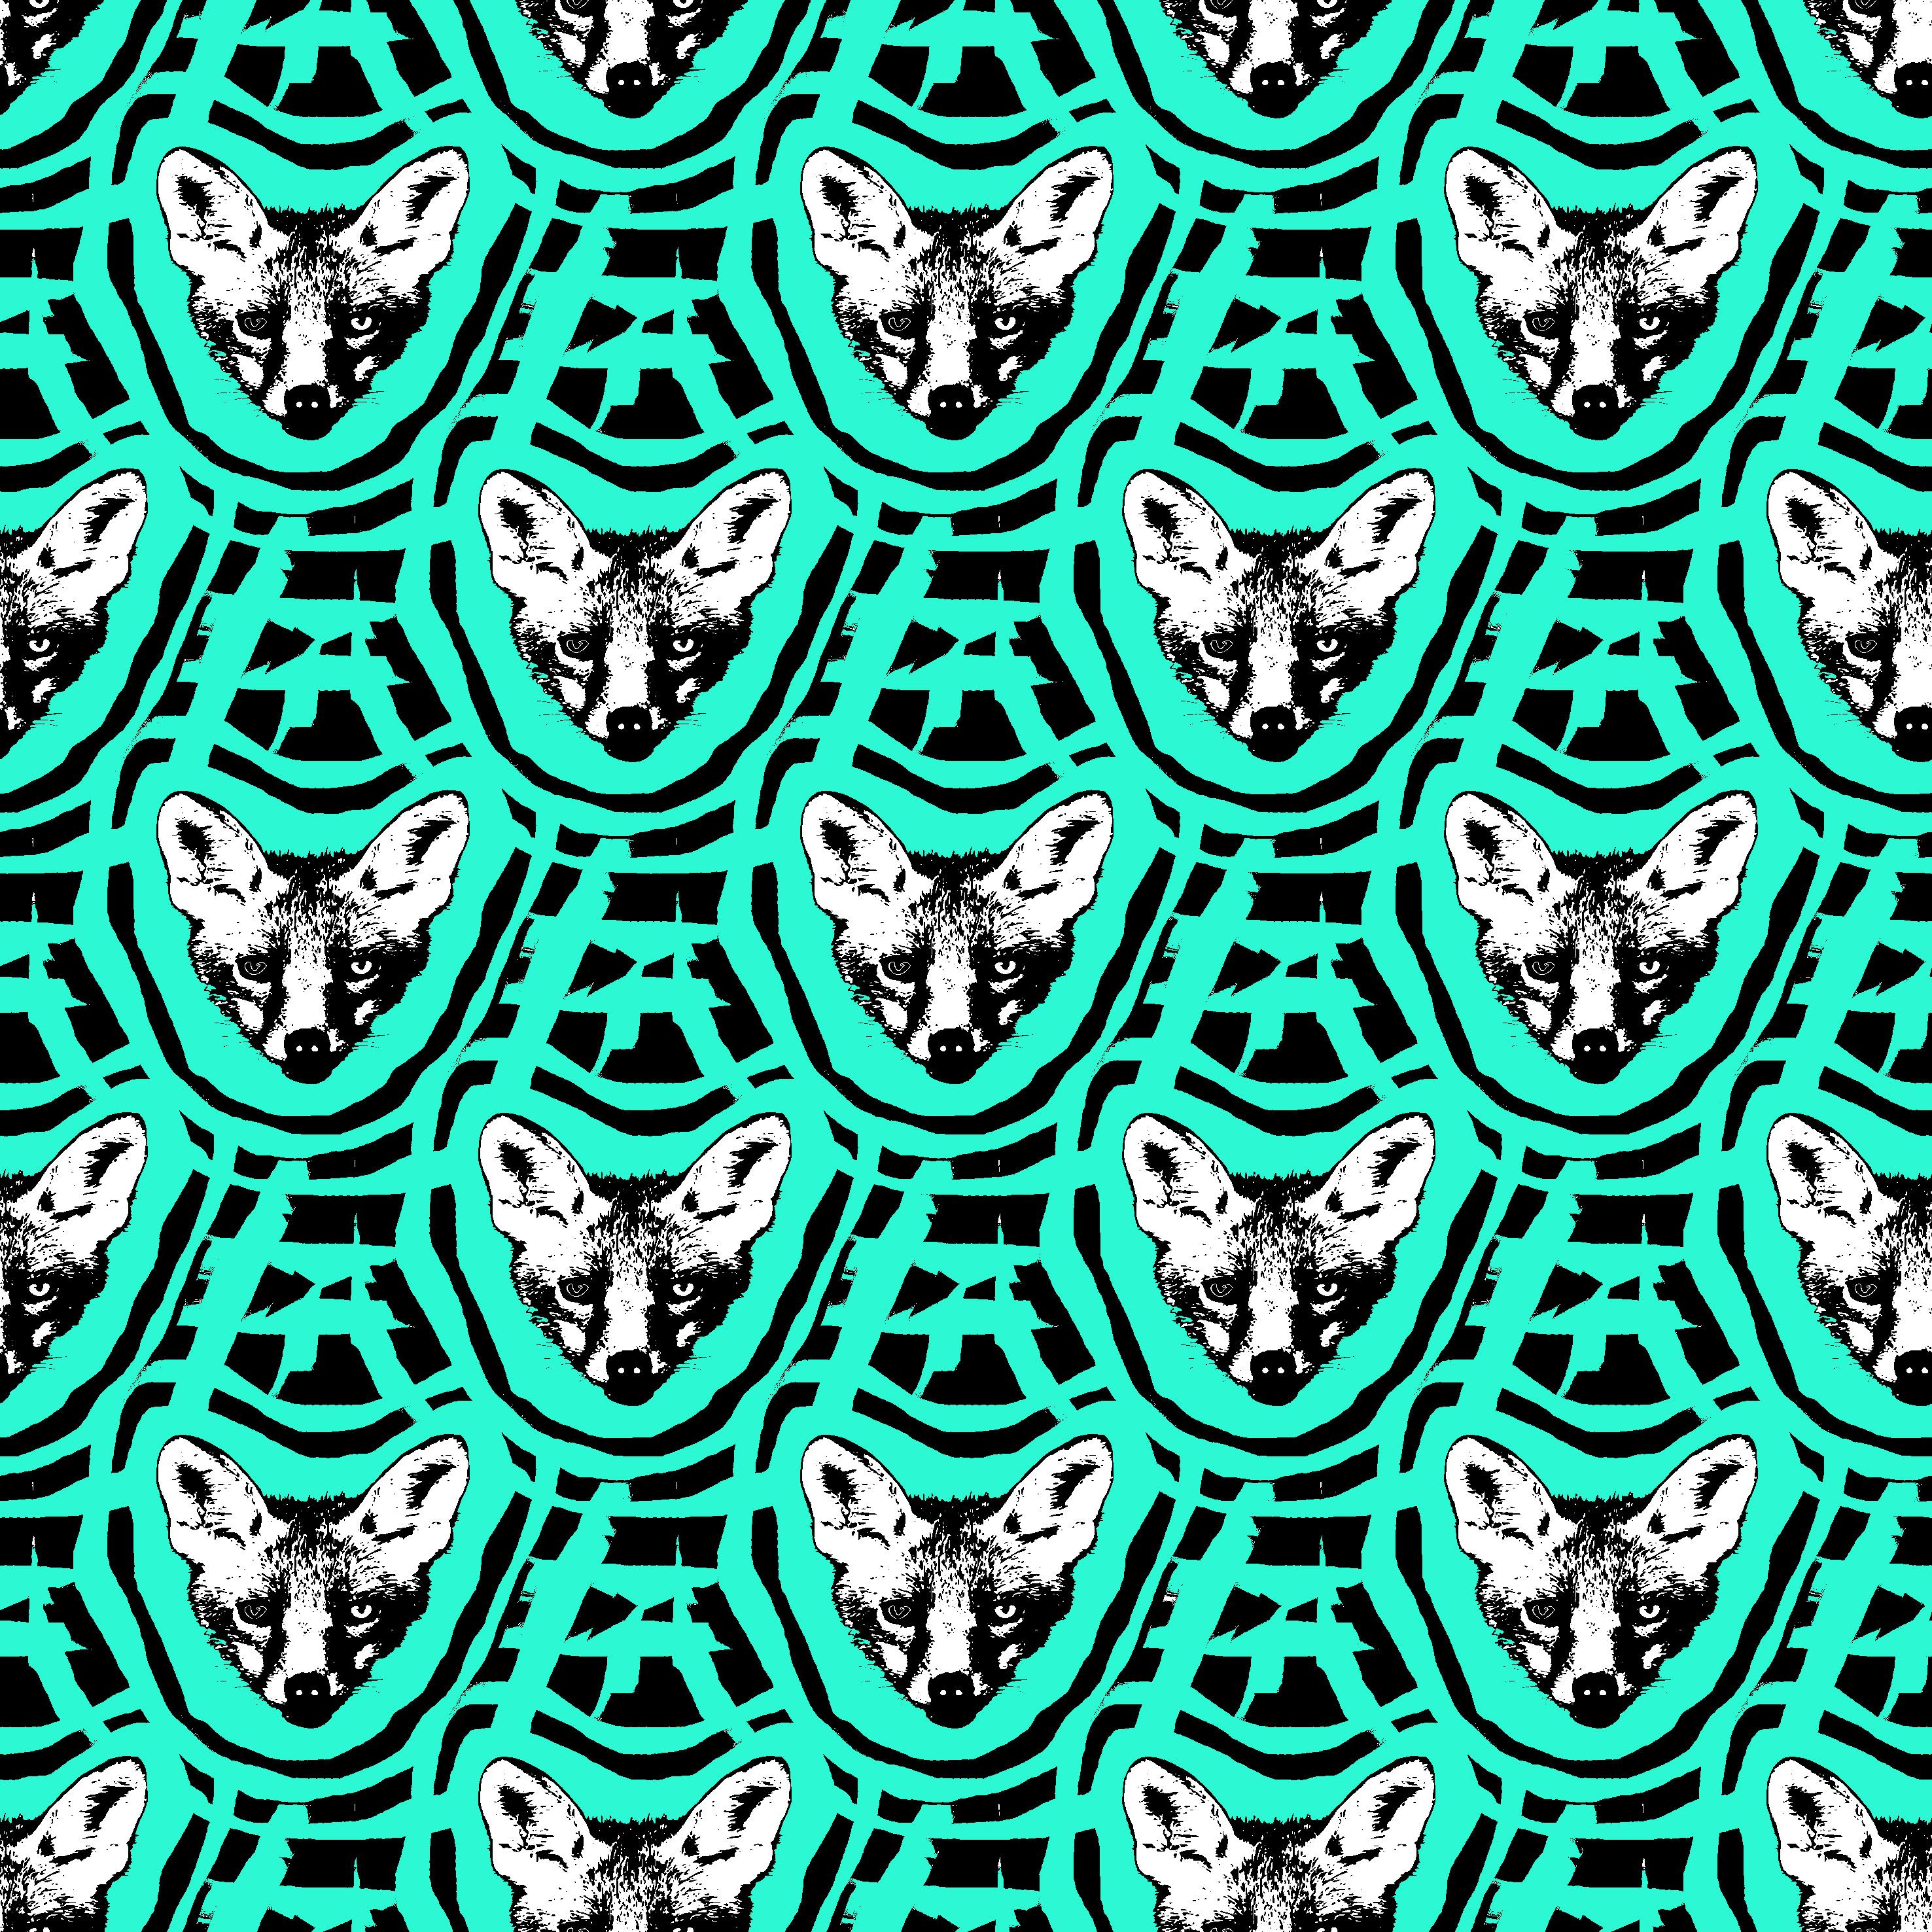 foxFaceseamlessgreen125x25.jpg